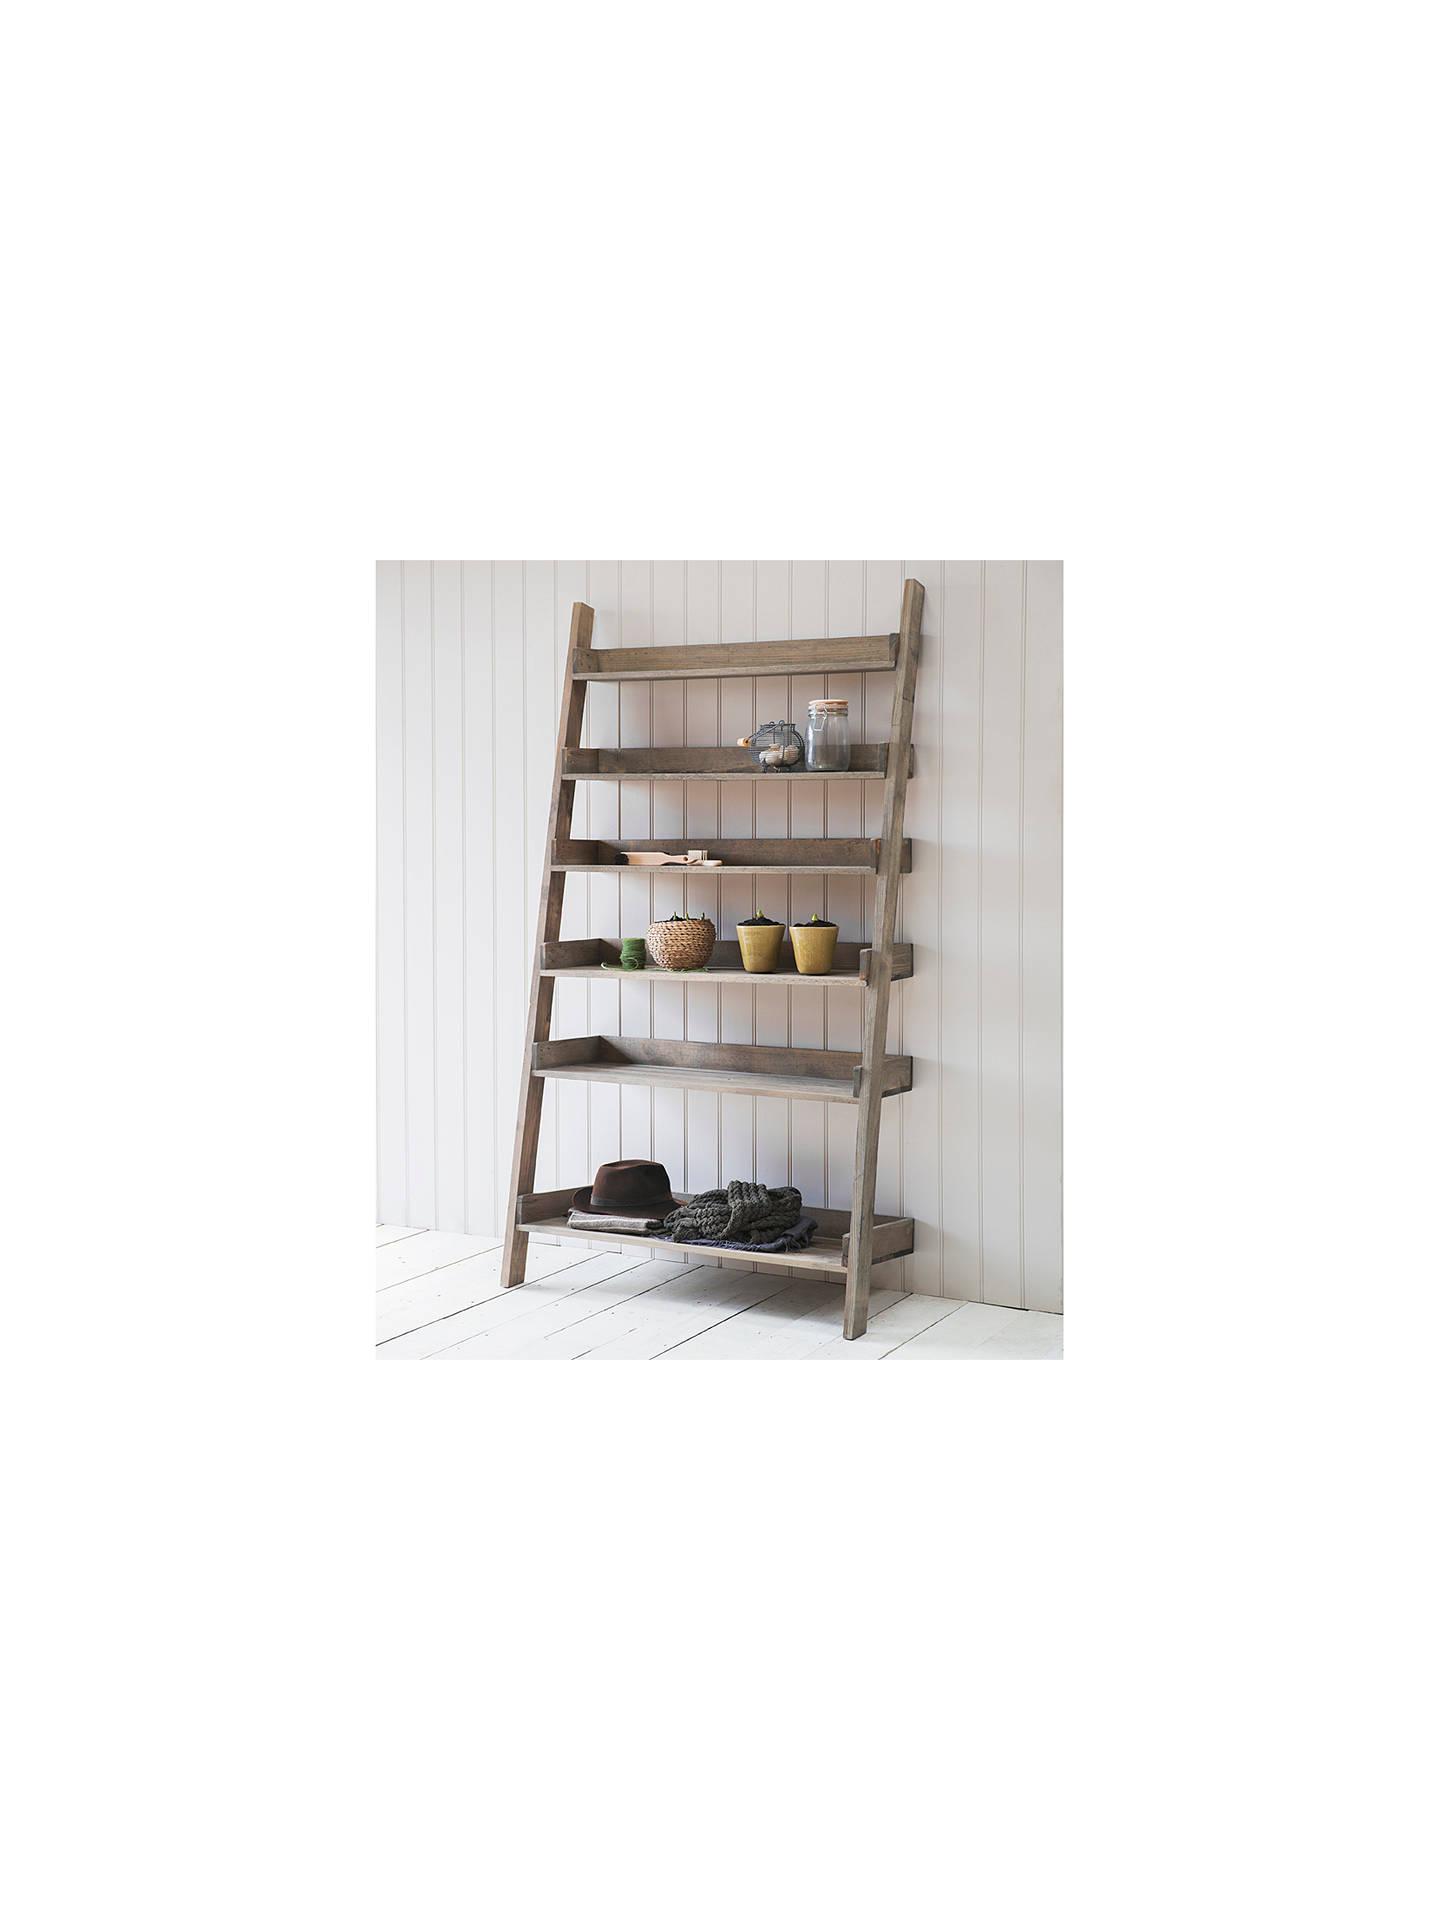 buy online 78638 4f6fb Garden Trading Aldsworth Wide Spruce Wood Shelf Ladder, Natural